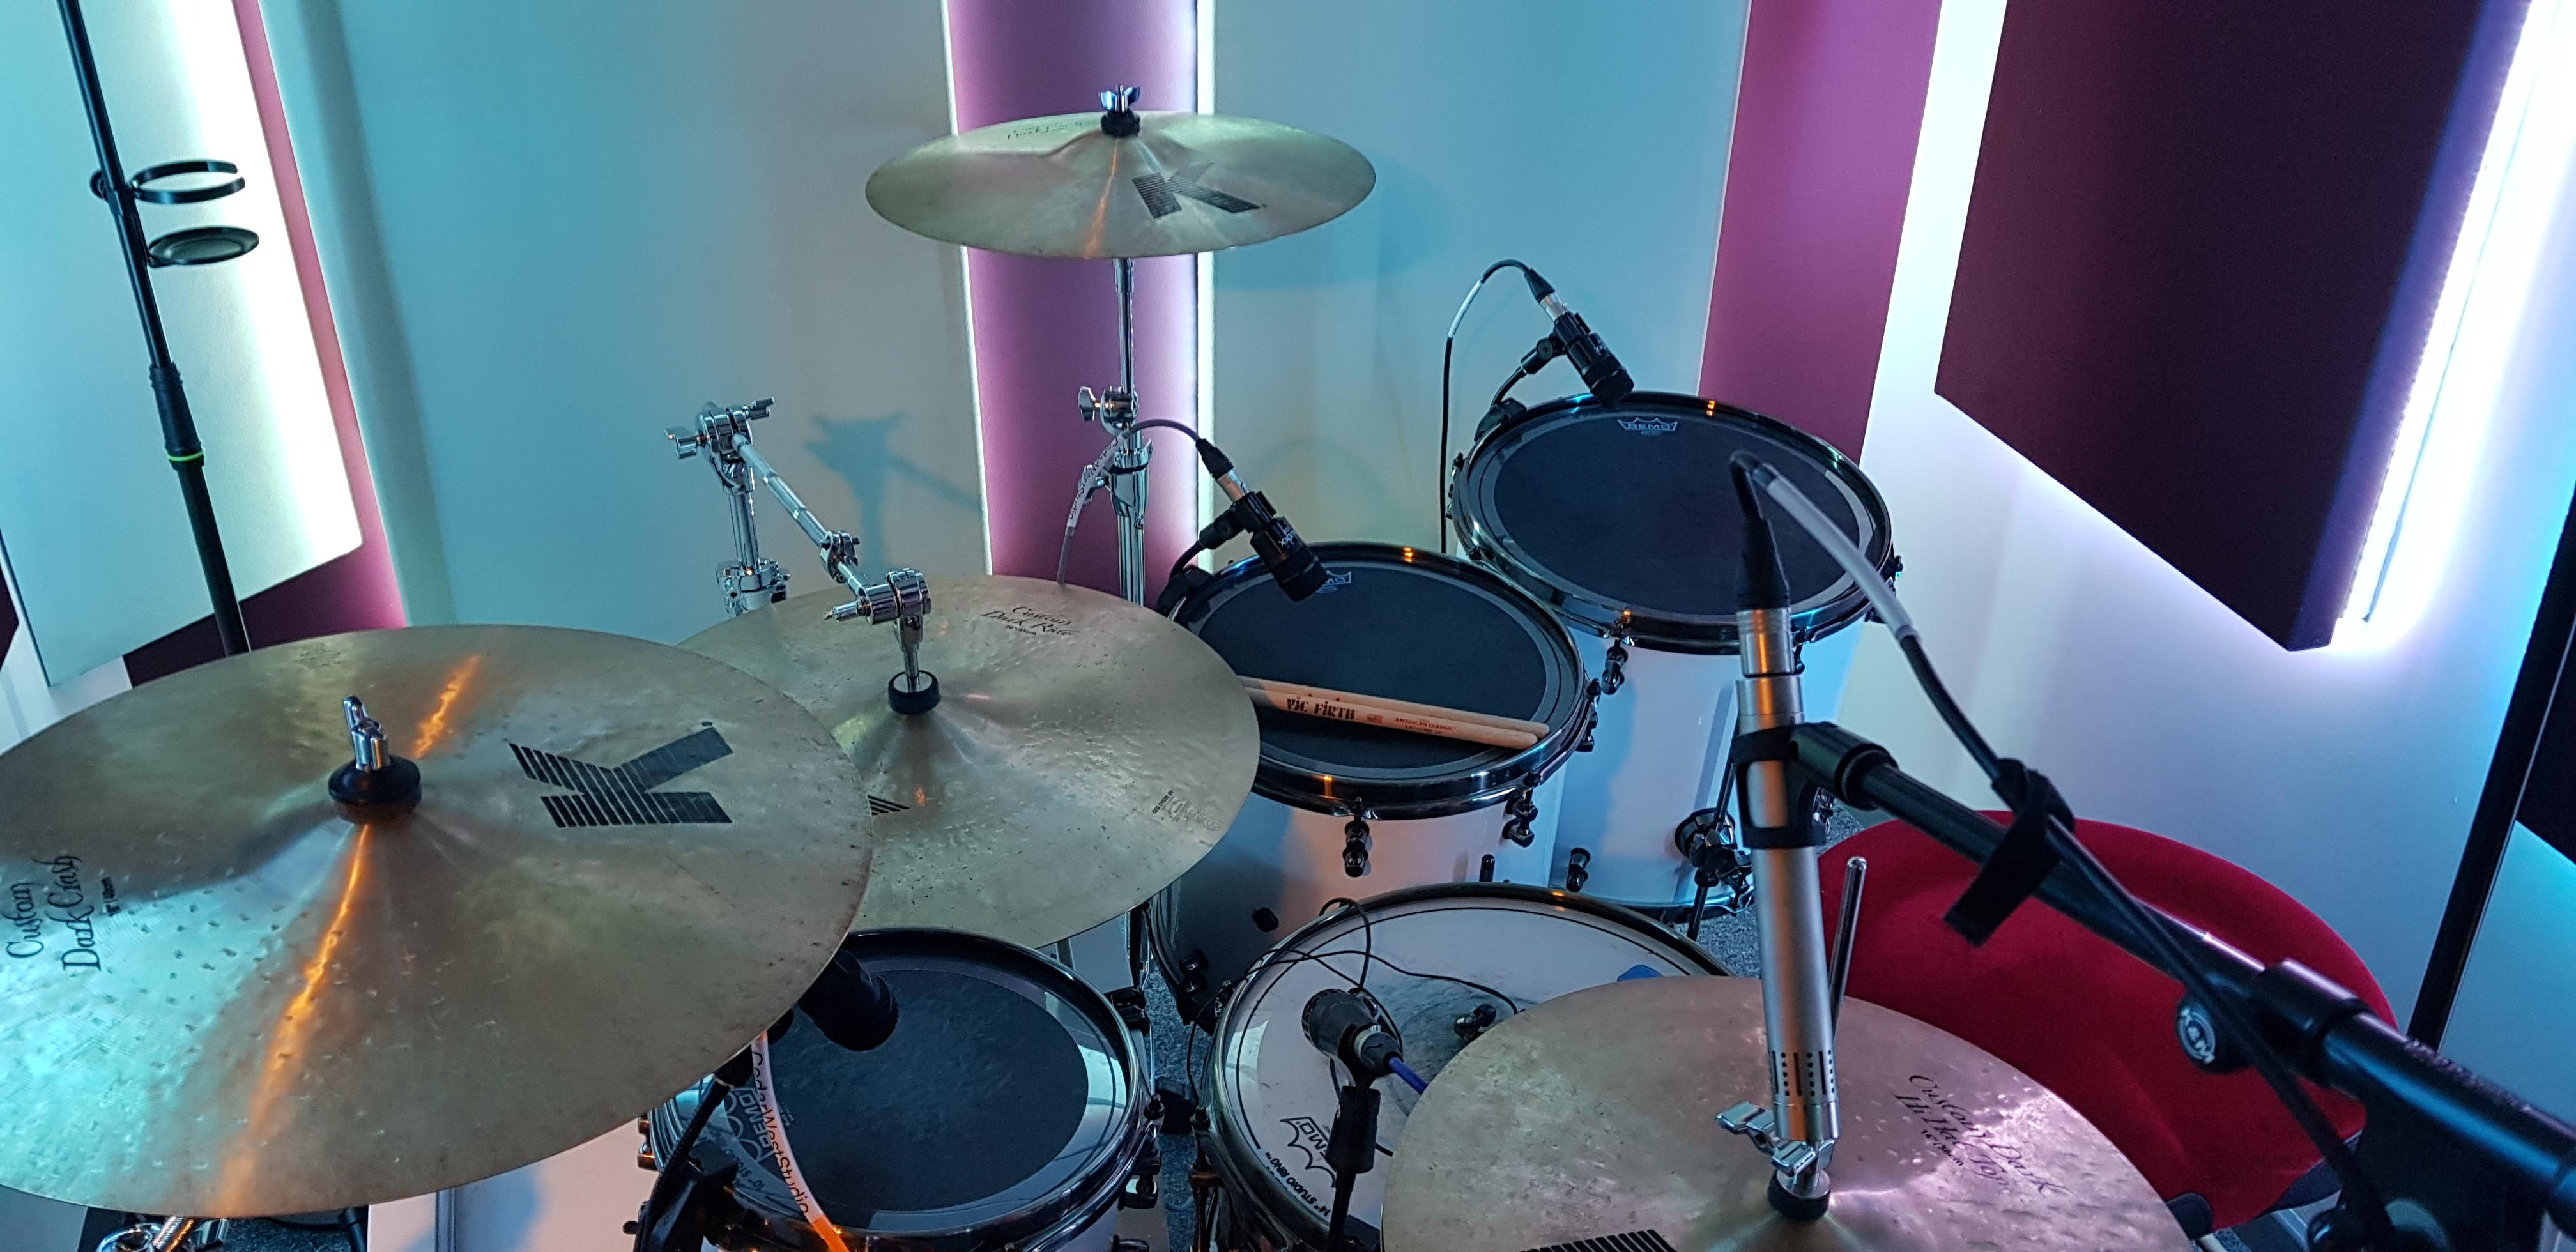 Drum Kit Set Up